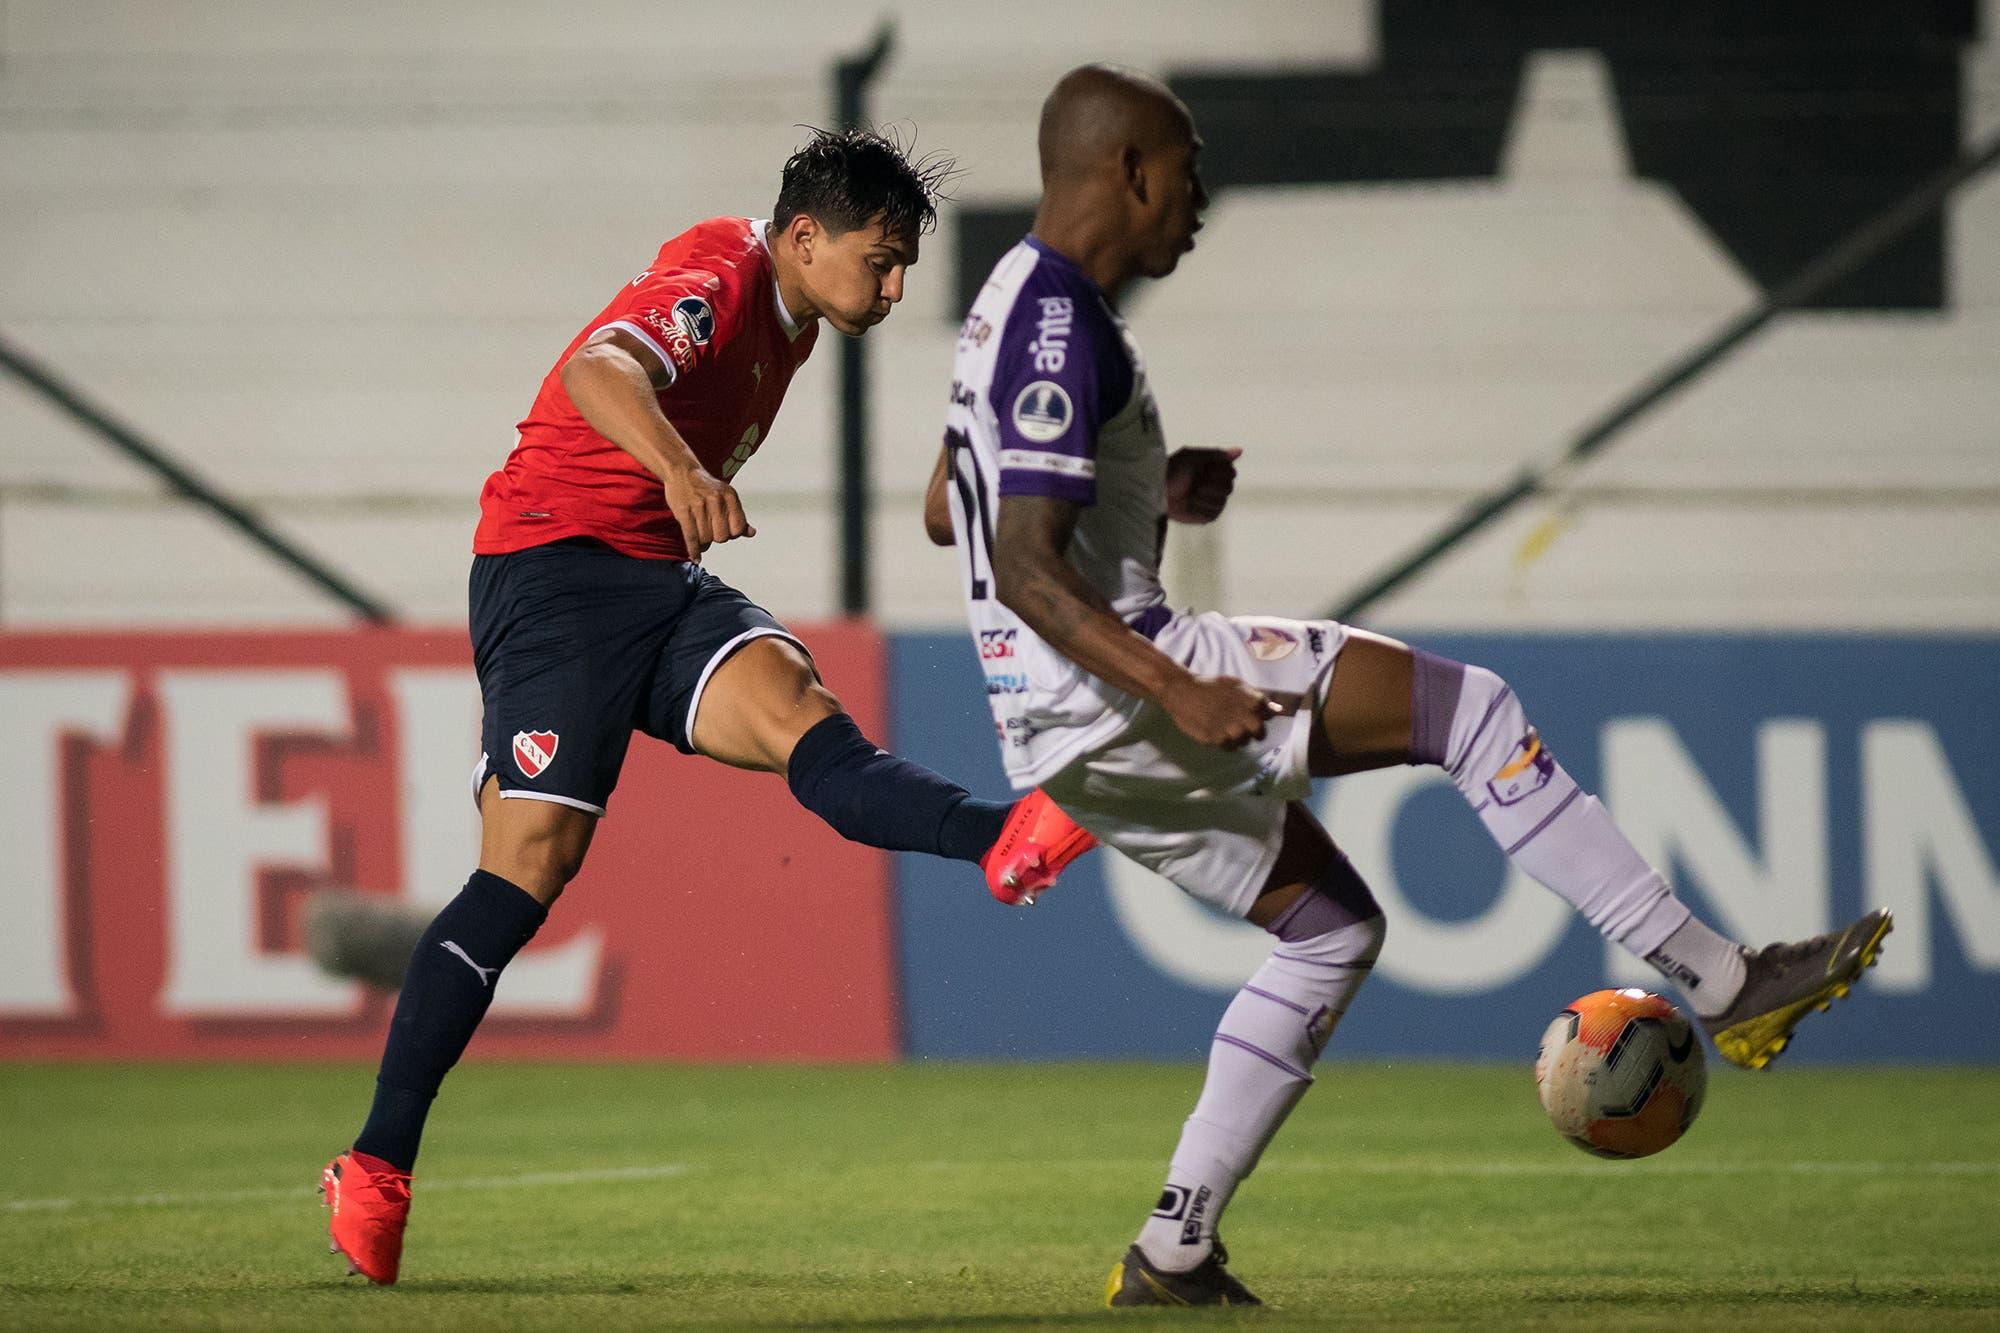 Fénix-Independiente: el Rojo busca un buen resultado en Uruguay para quedar bien parado en el partido de vuelta